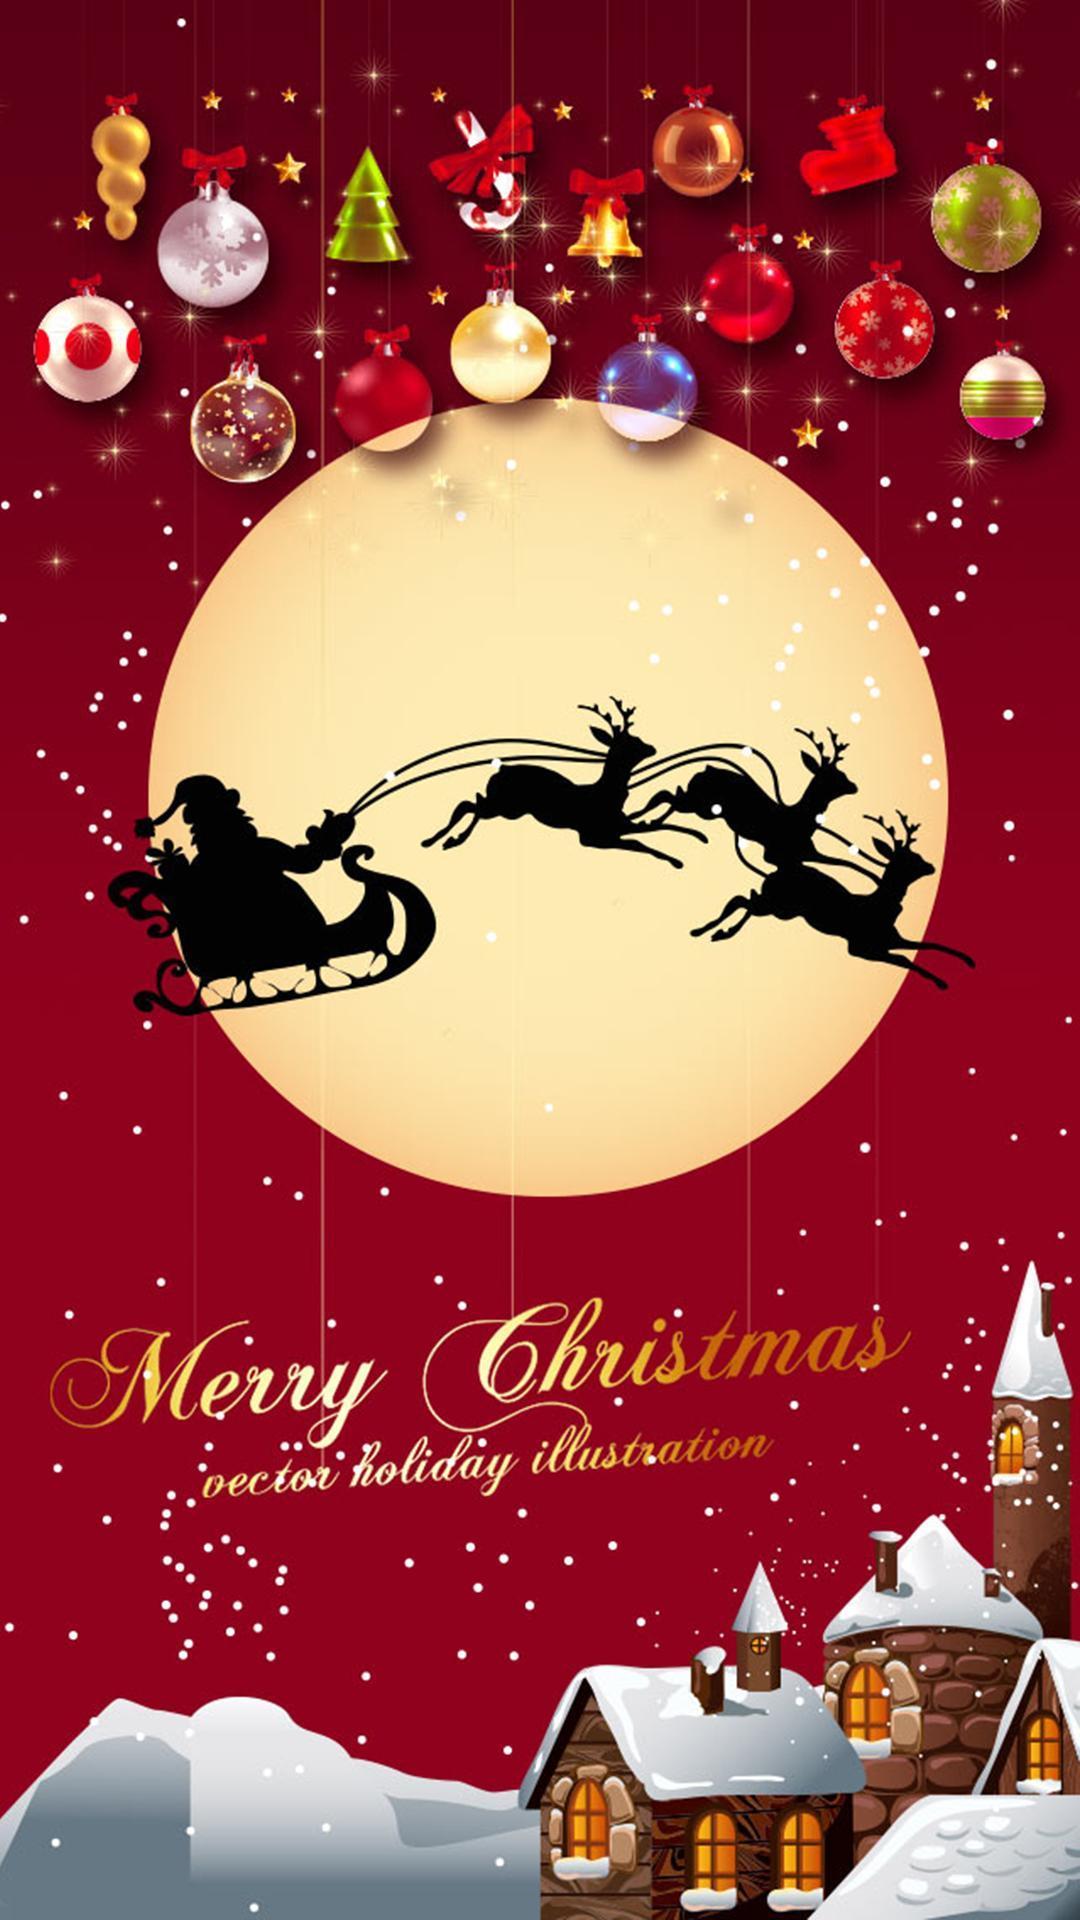 25] Christmas 2020 Wallpapers on WallpaperSafari 1080x1920